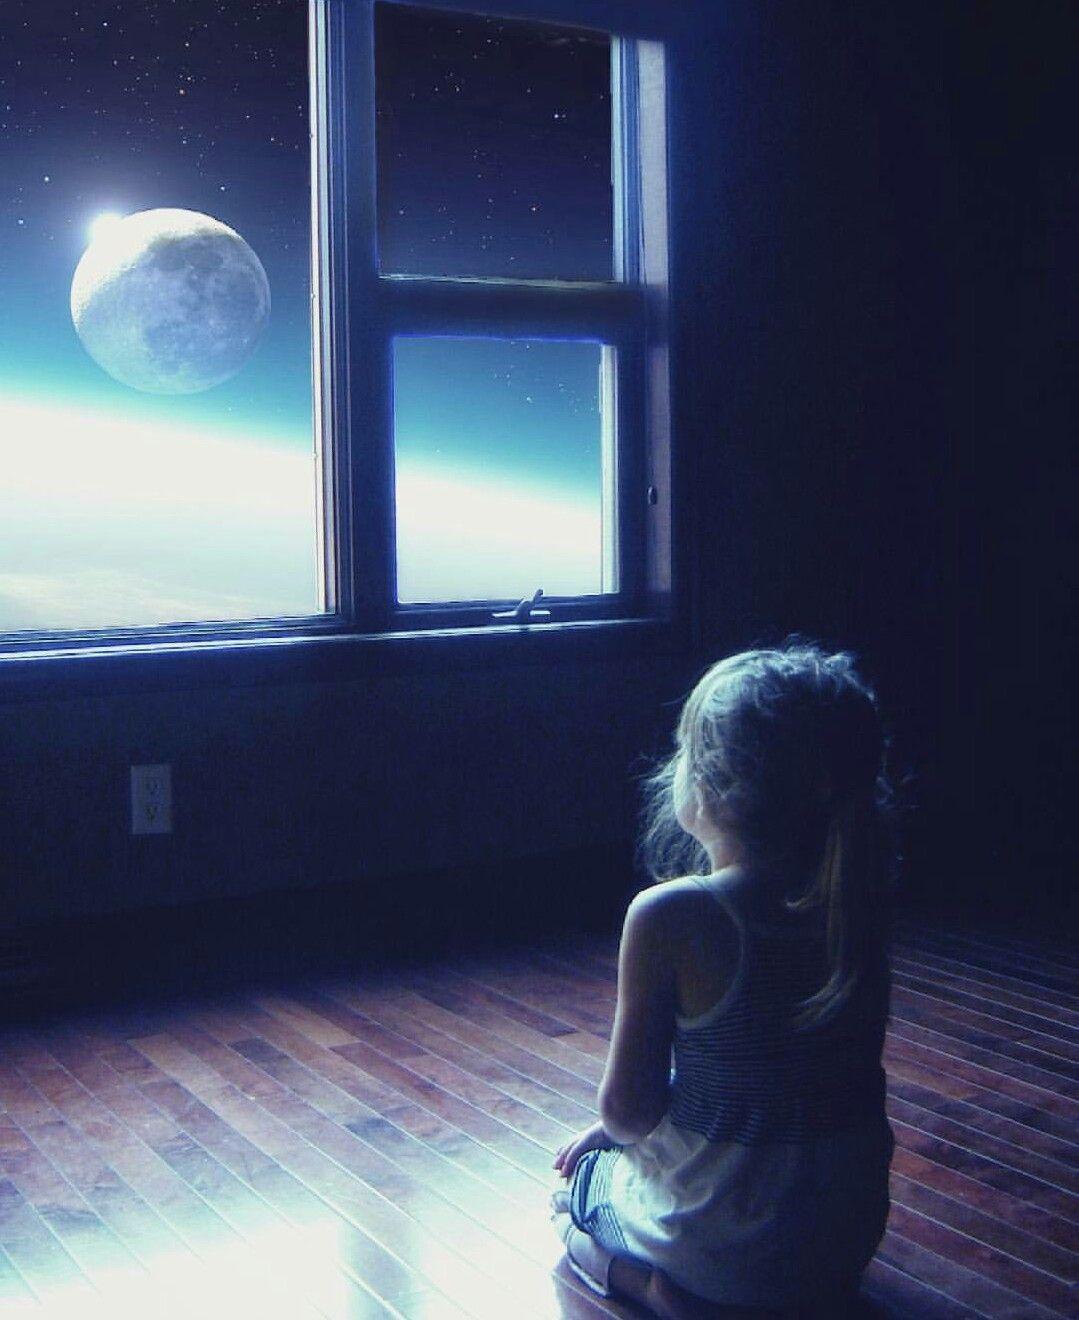 اعلم أن الذى جعل الفجر بعد ظلمة الليل قادر أن يكشف ظلمة أزمتك بنور الفر ج Photo Image Windows